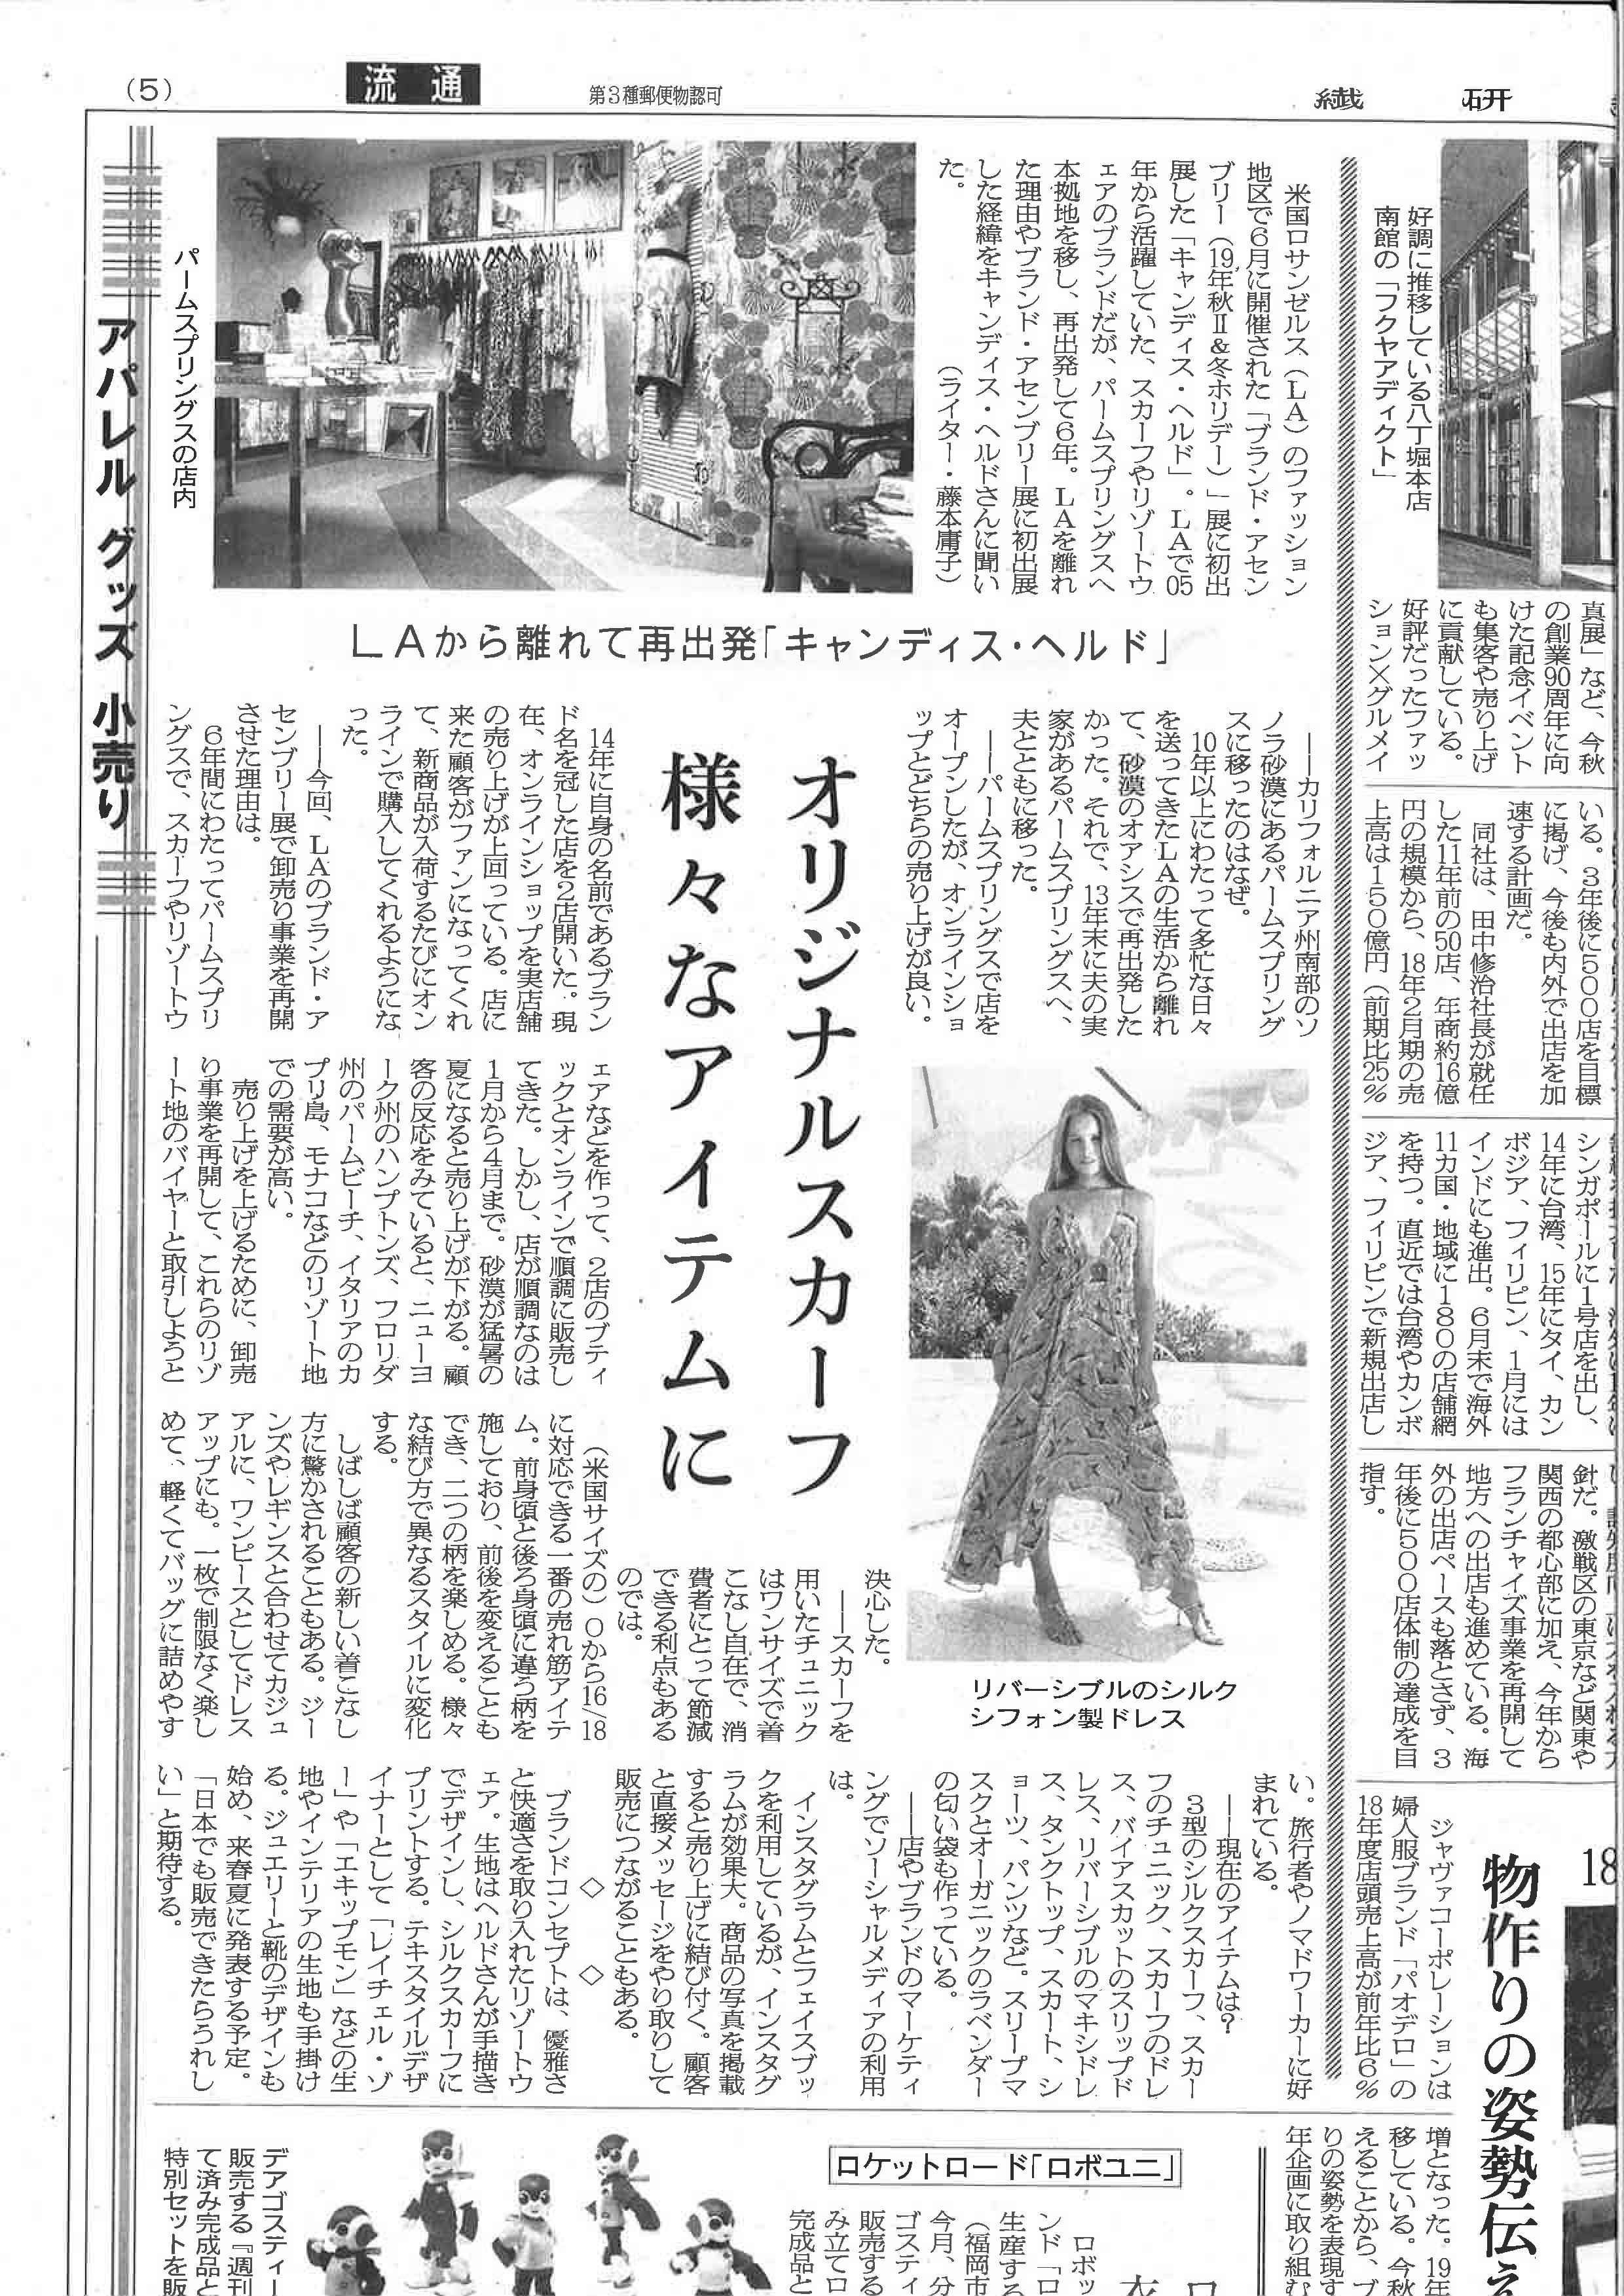 Shenken-Shimbun (Japanese trade paper similar to WWD) July 2019